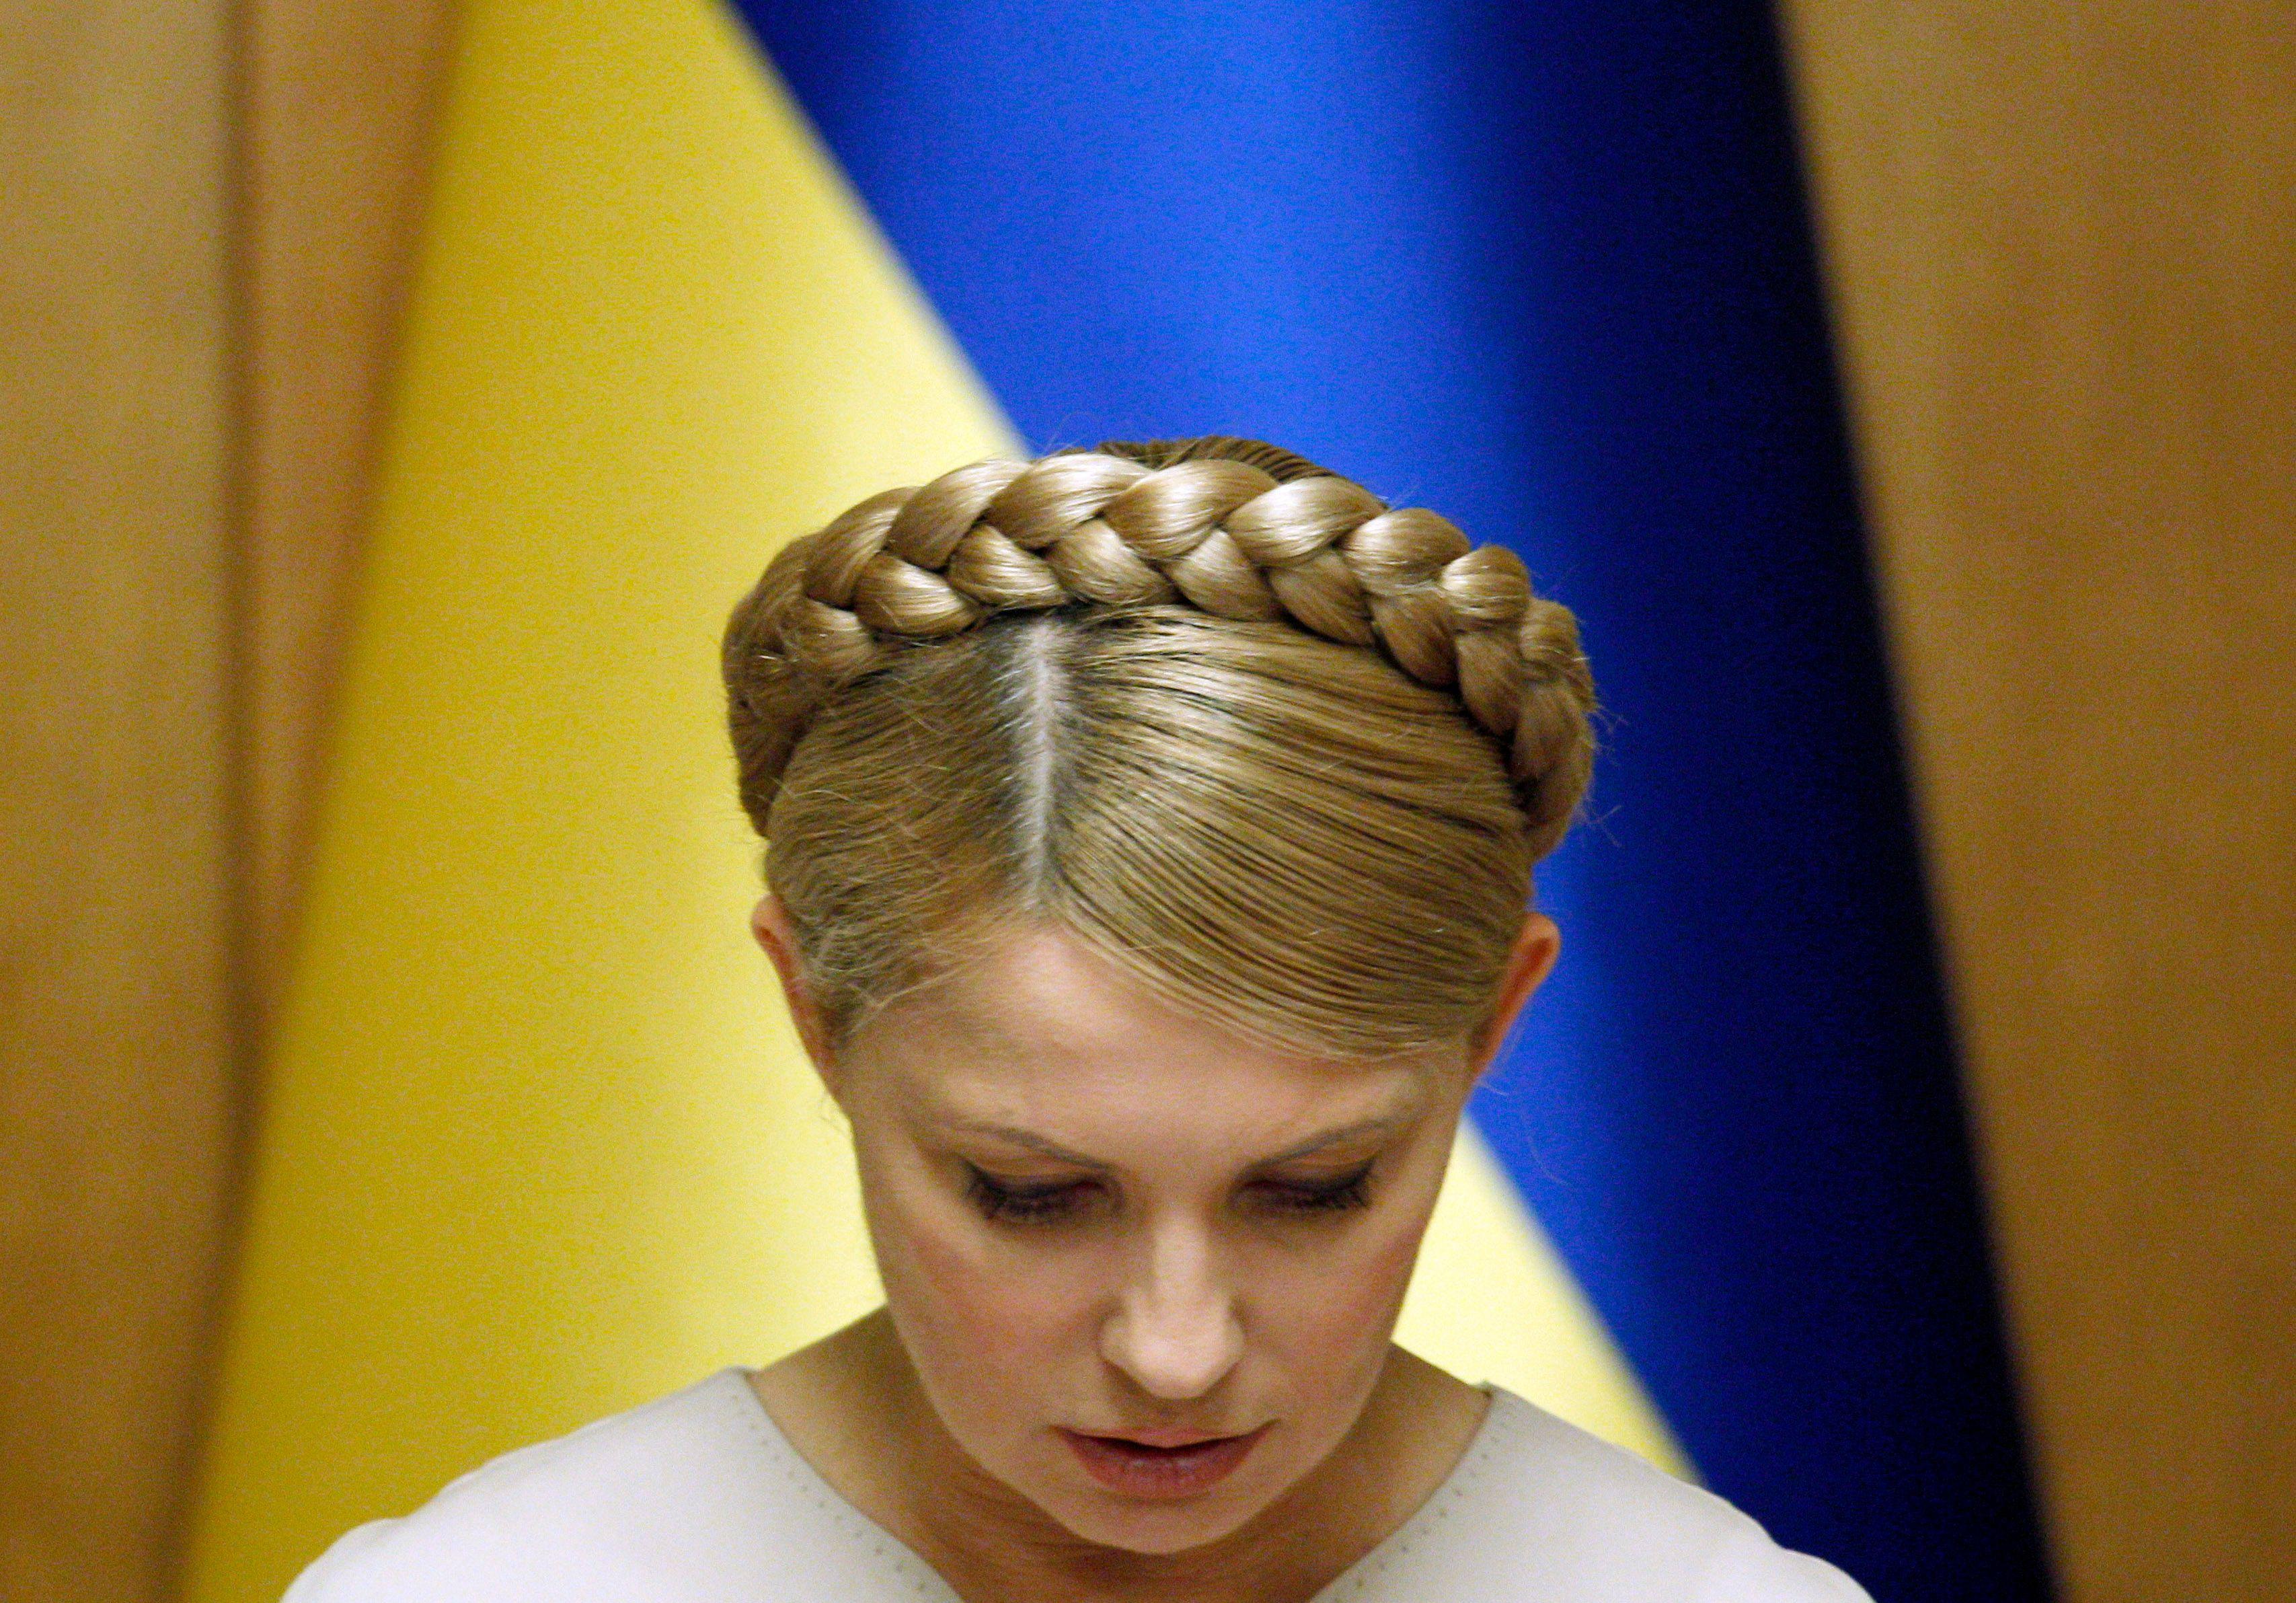 L'opposante ukrainienne Ioulia Timochenko, en prison depuis 2011, devrait bientôt être libérée.